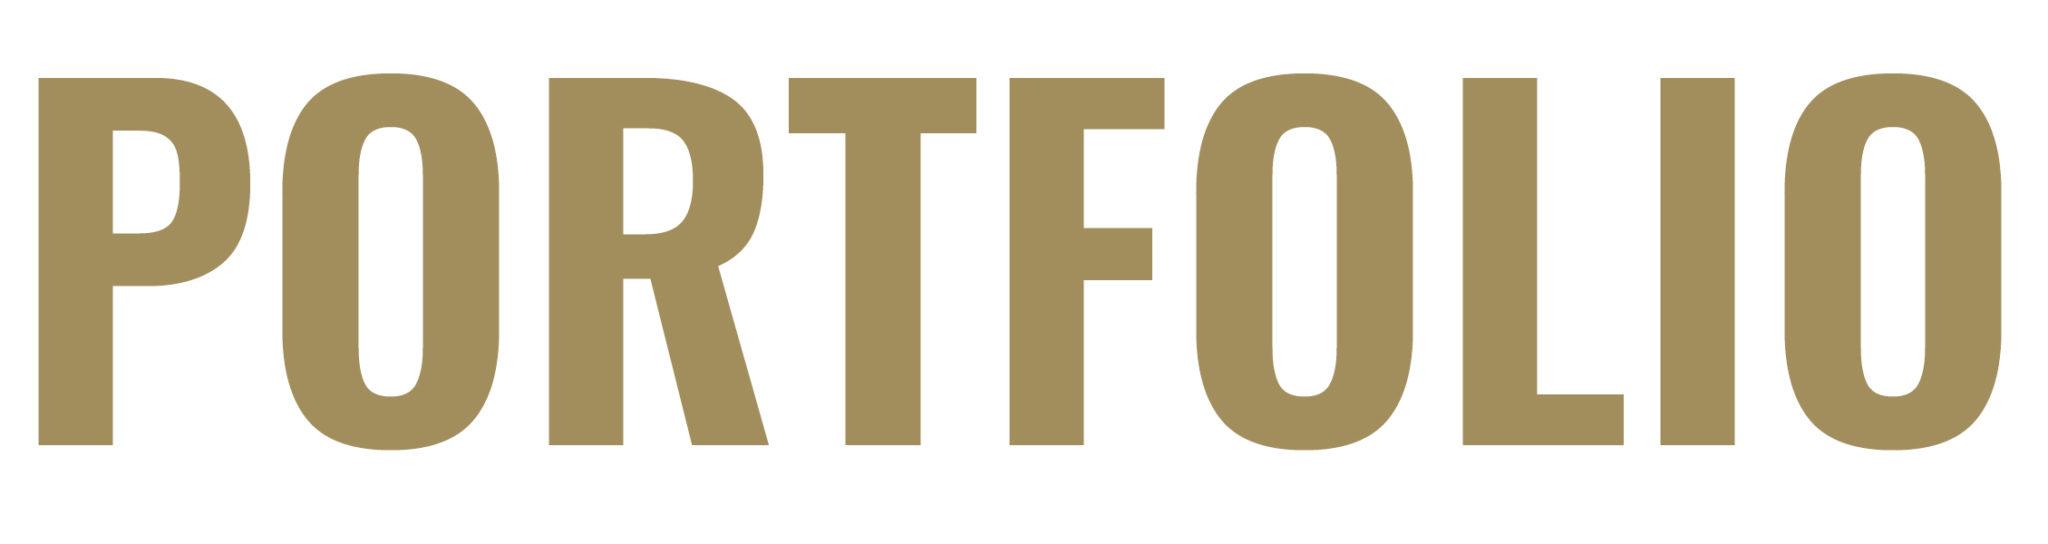 Portfolio Société de production vidéo et film à Montpellier - Nos Films